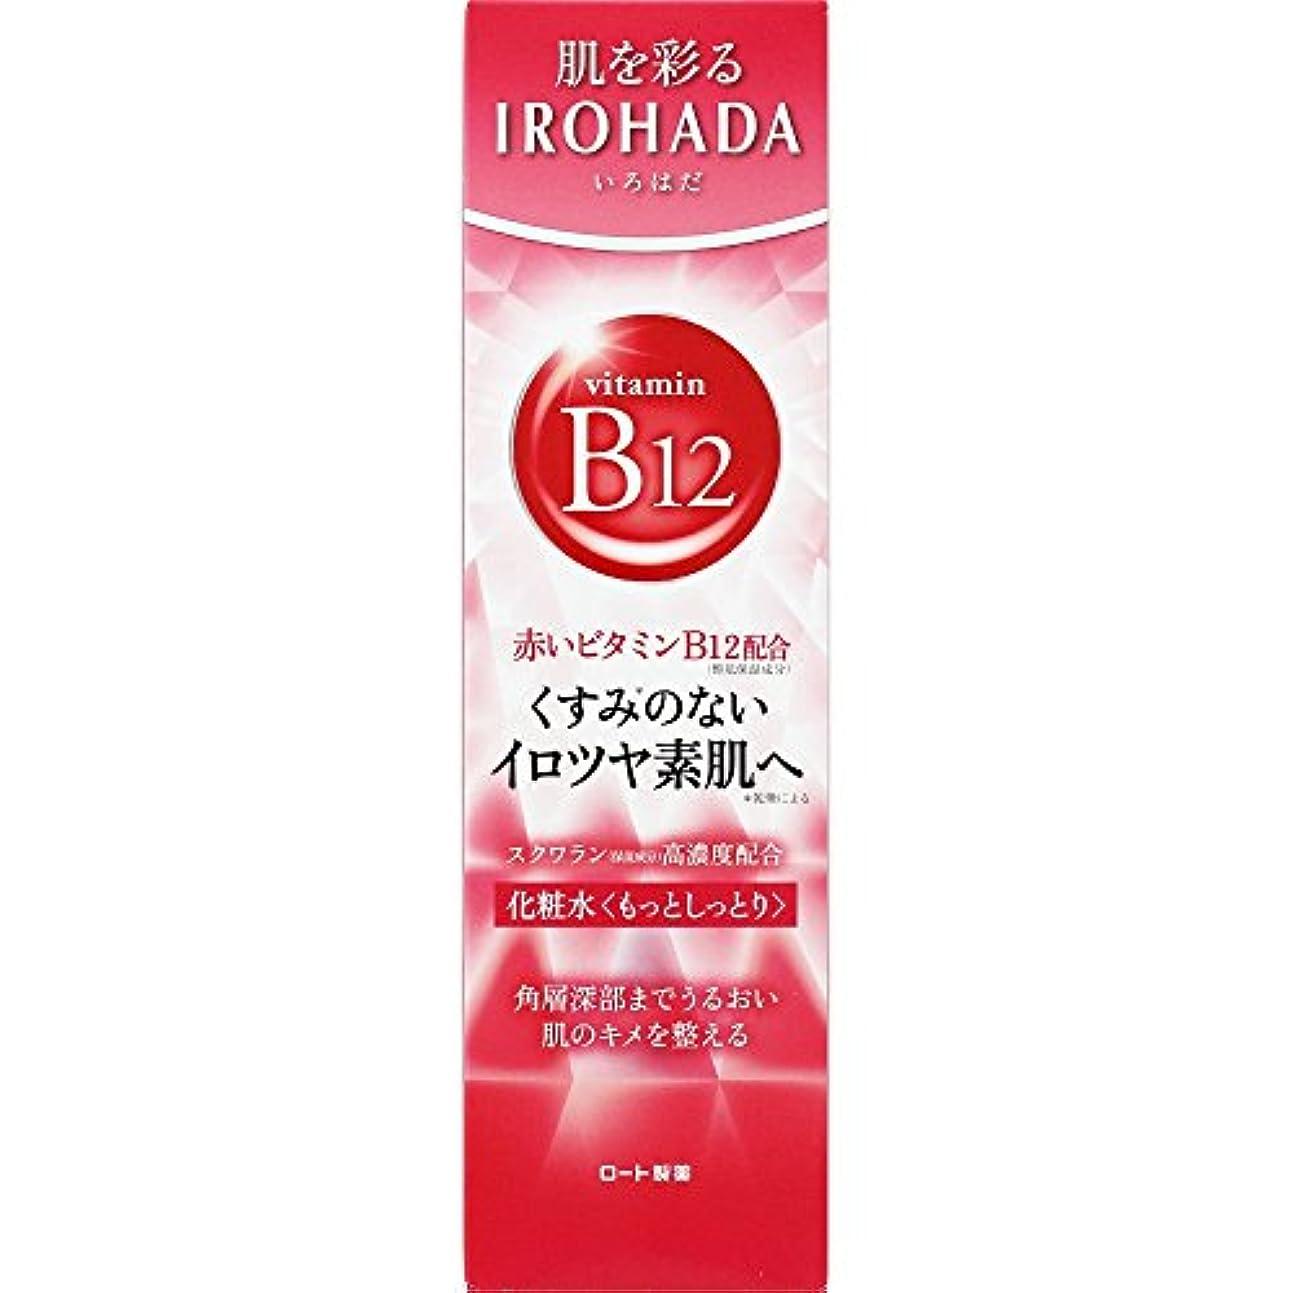 ミュージカル西安息ロート製薬 いろはだ (IROHADA) 赤いビタミンB12×スクワラン配合 化粧水もっとしっとり 160ml